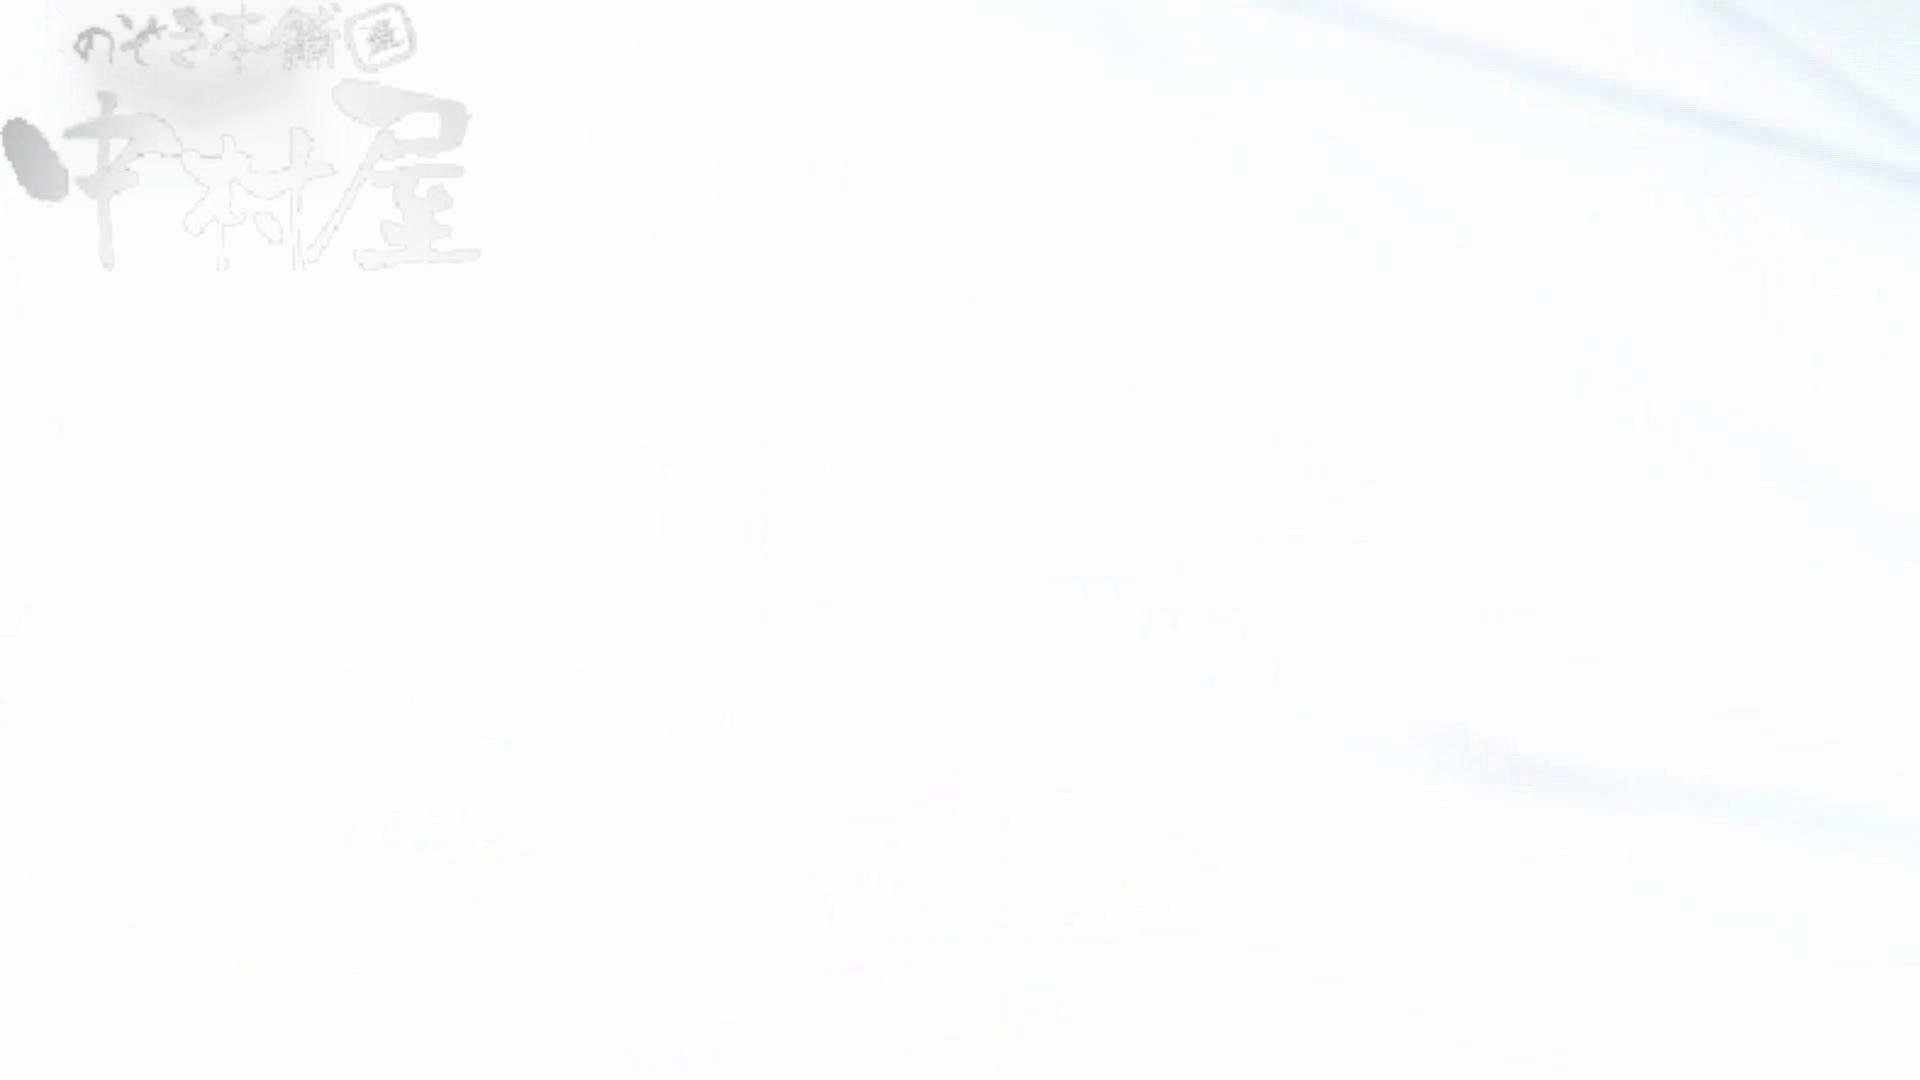 美しい日本の未来 No.35 最長時間更新更に強者登場 盗撮 ワレメ無修正動画無料 91連発 56